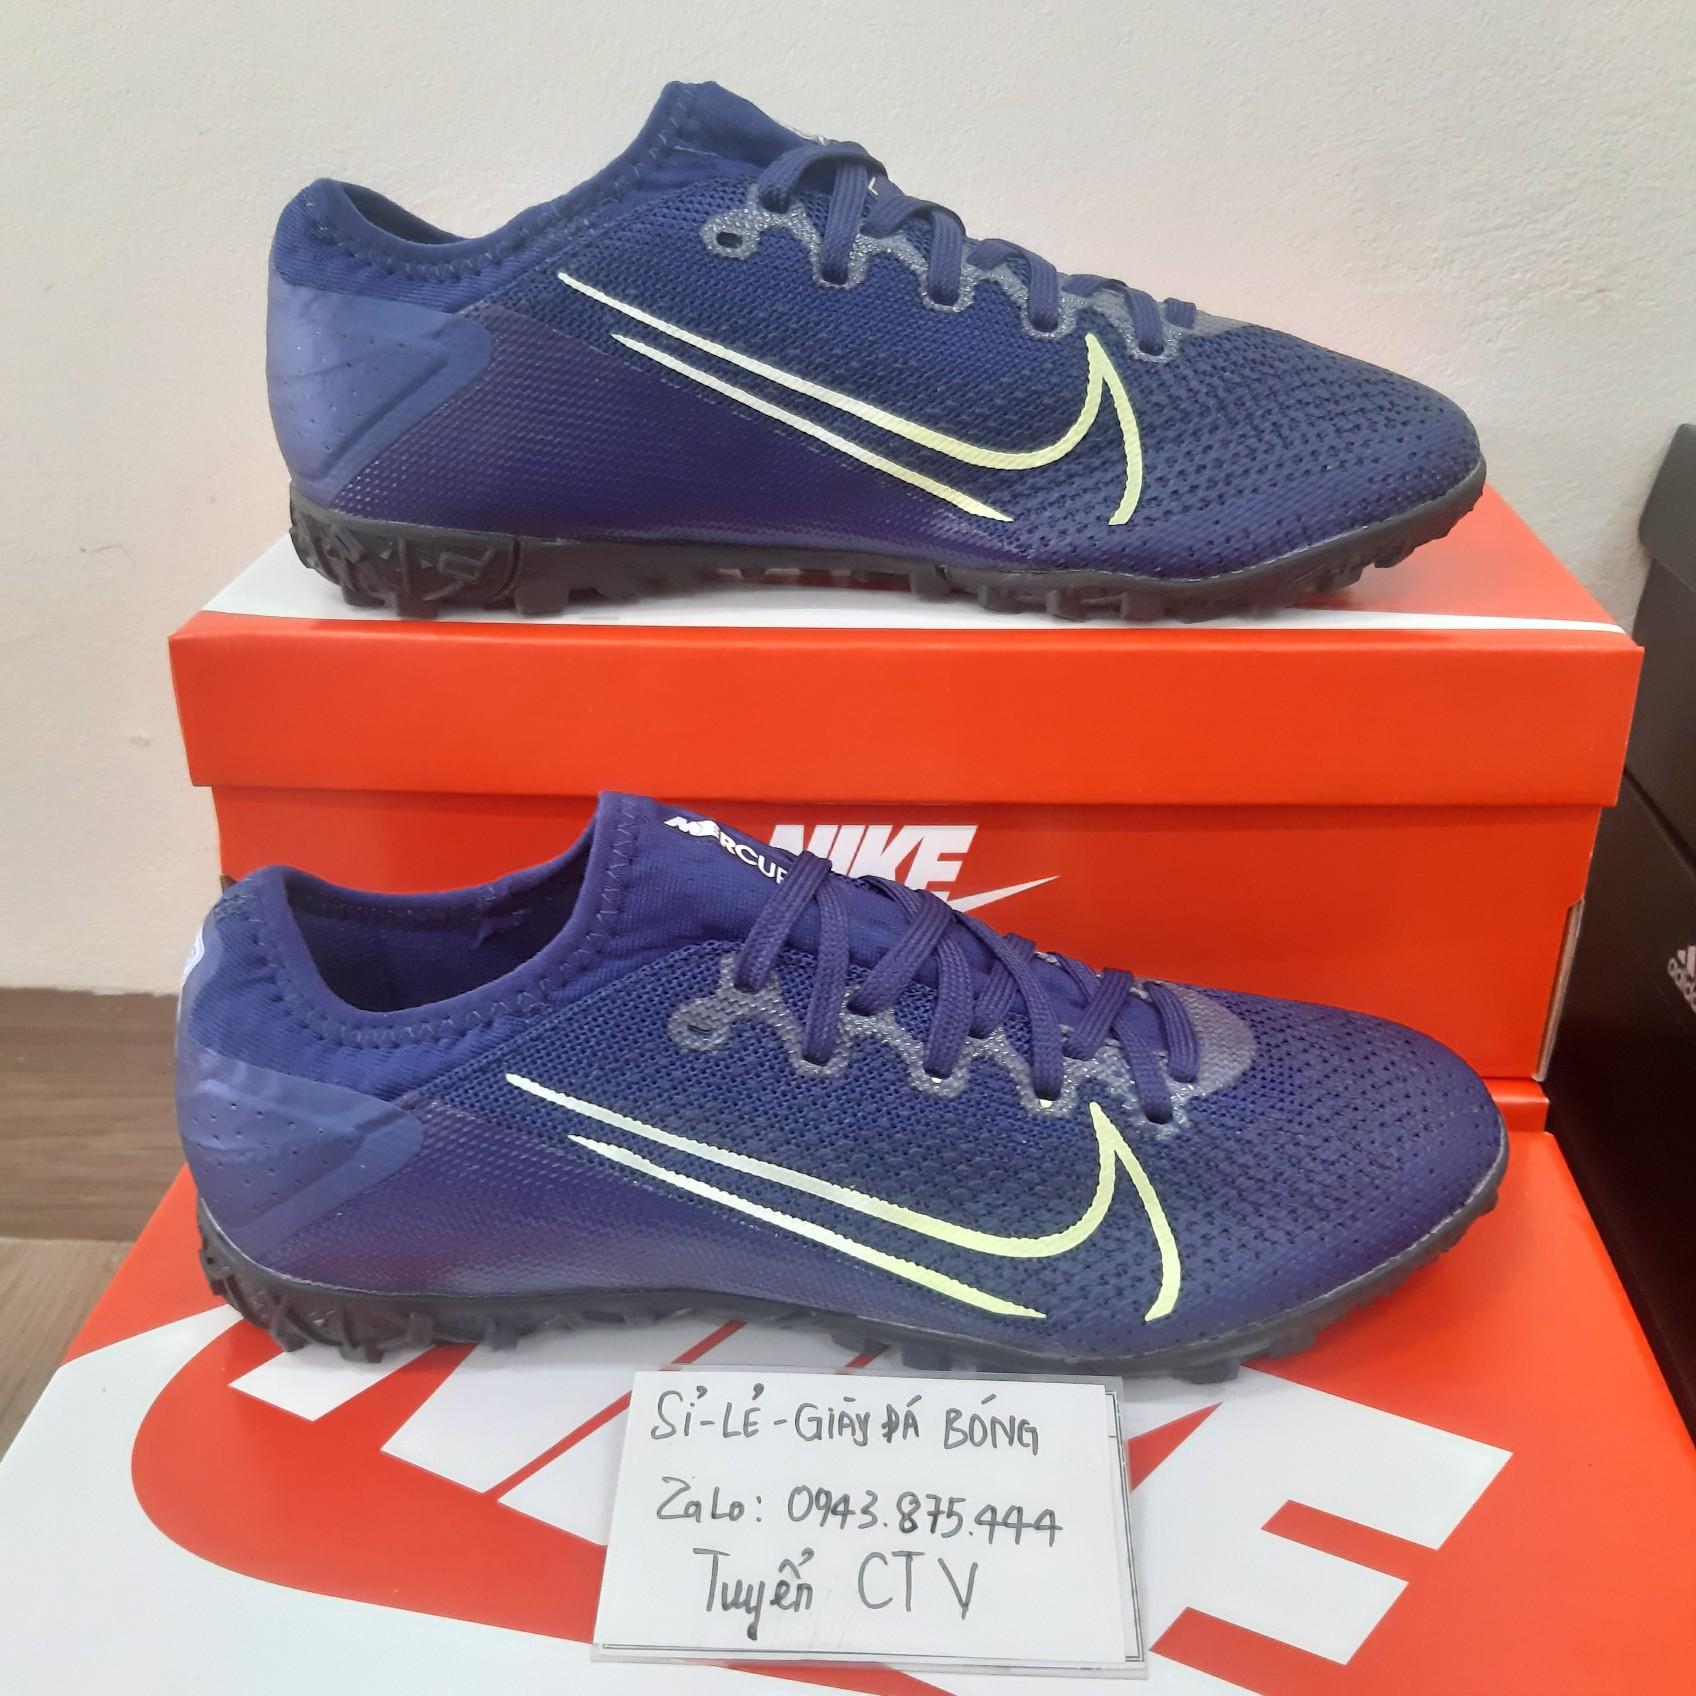 Giày đá bóng  Vapor 13 Pro TF xanh đậm